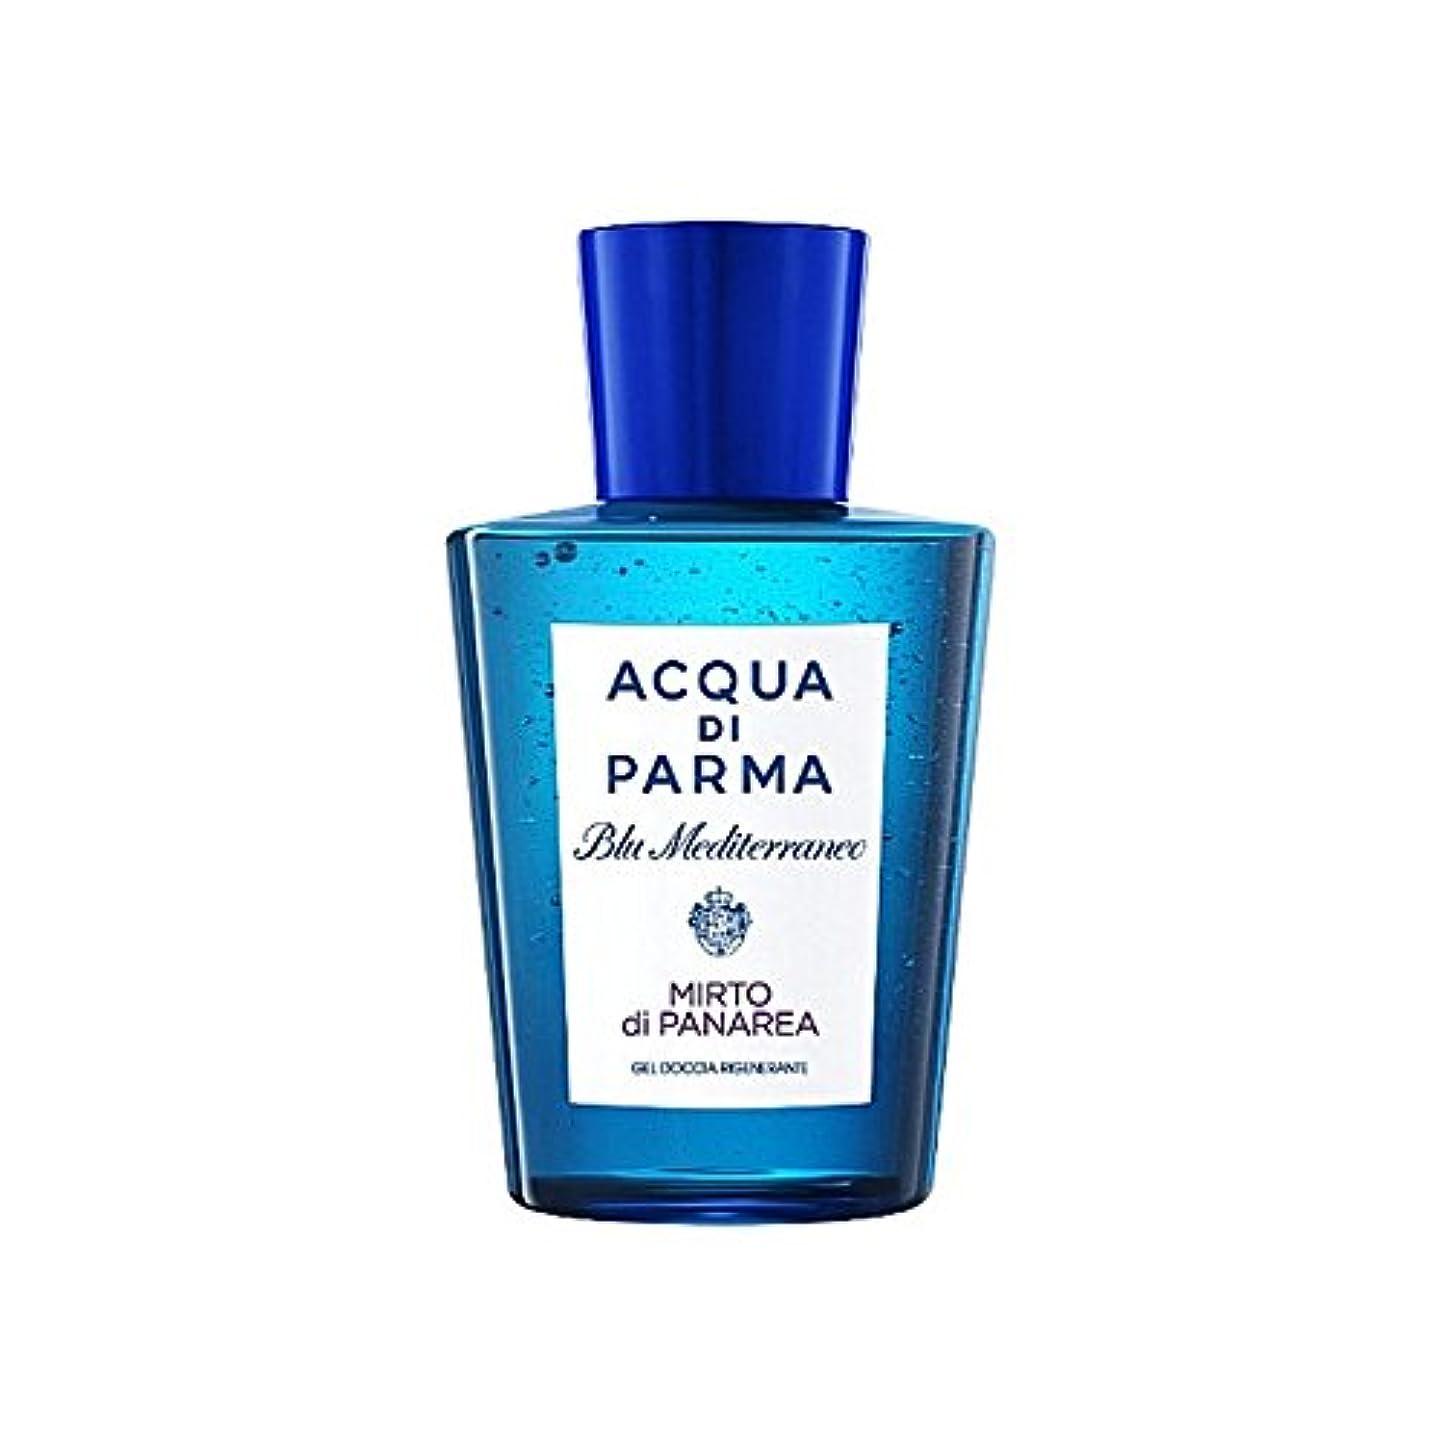 遺棄された恥ずかしい服Acqua Di Parma Blu Mediterraneo Mirto Di Panarea Shower Gel 200ml - アクアディパルマブルーメディミルトディパナレアシャワージェル200 [並行輸入品]